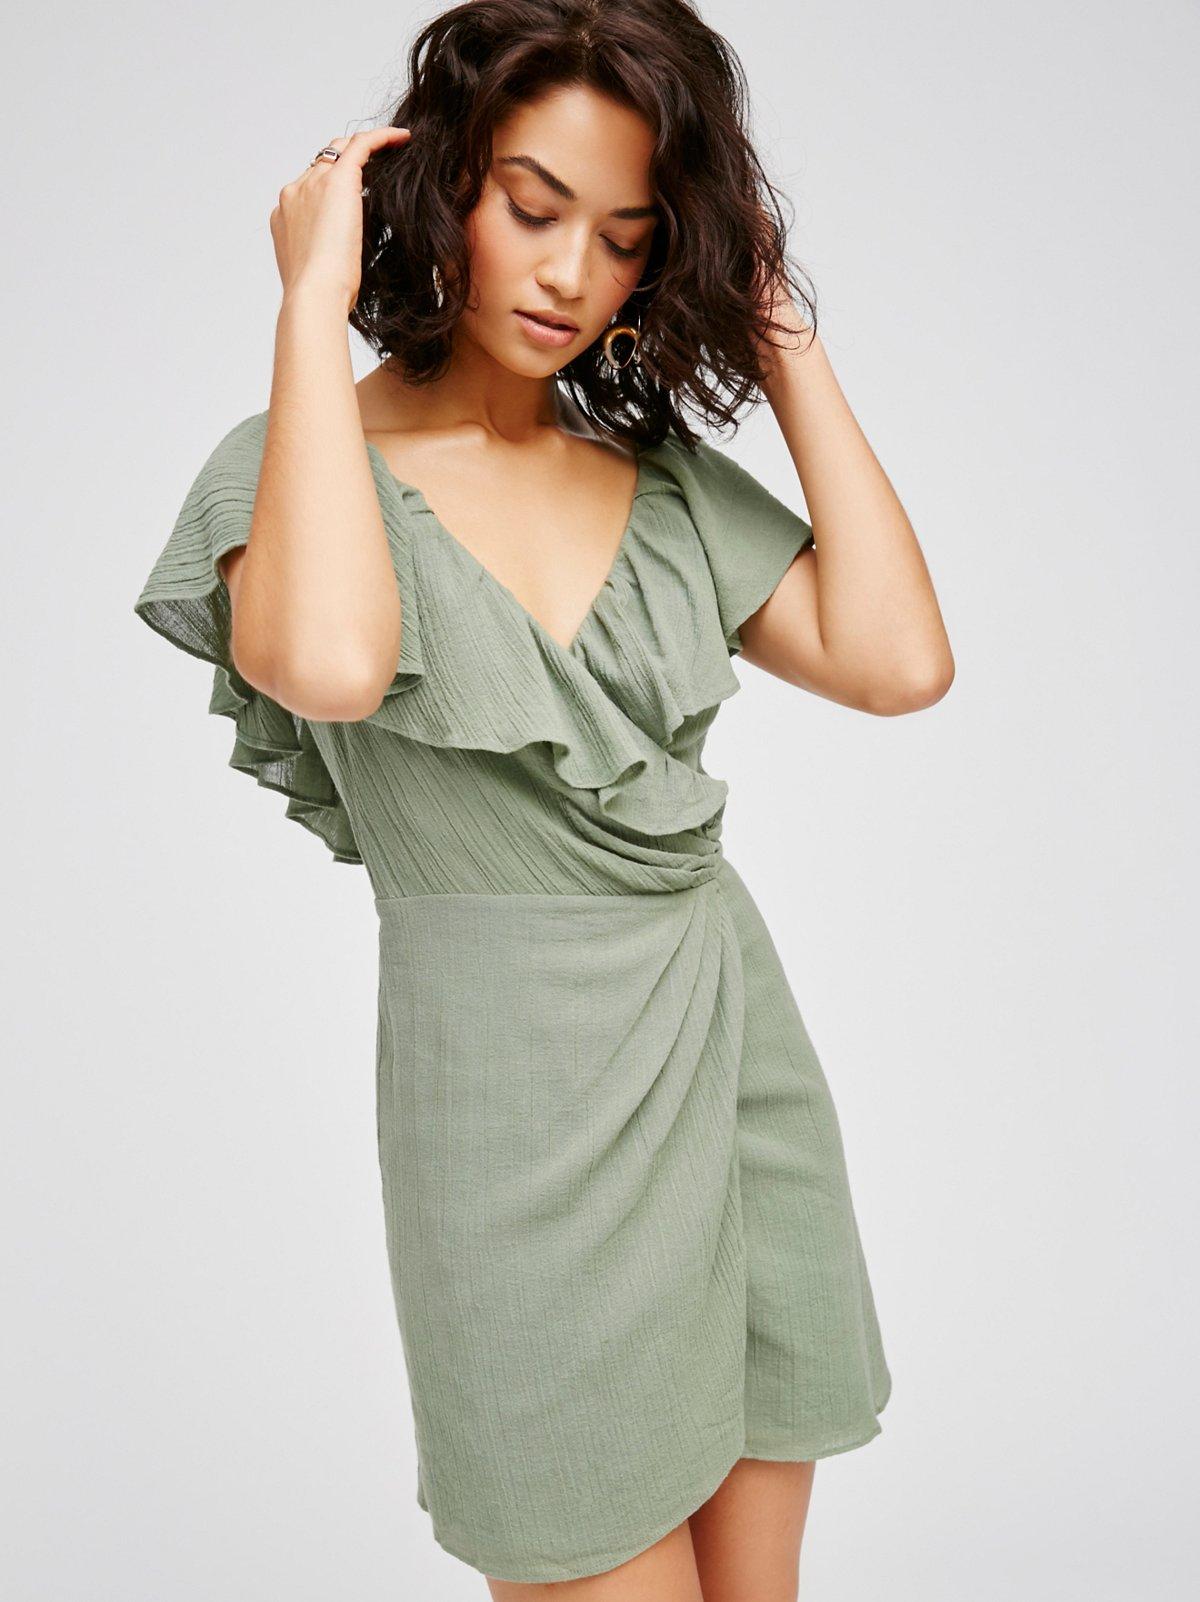 Bali Dreamin' Mini Dress